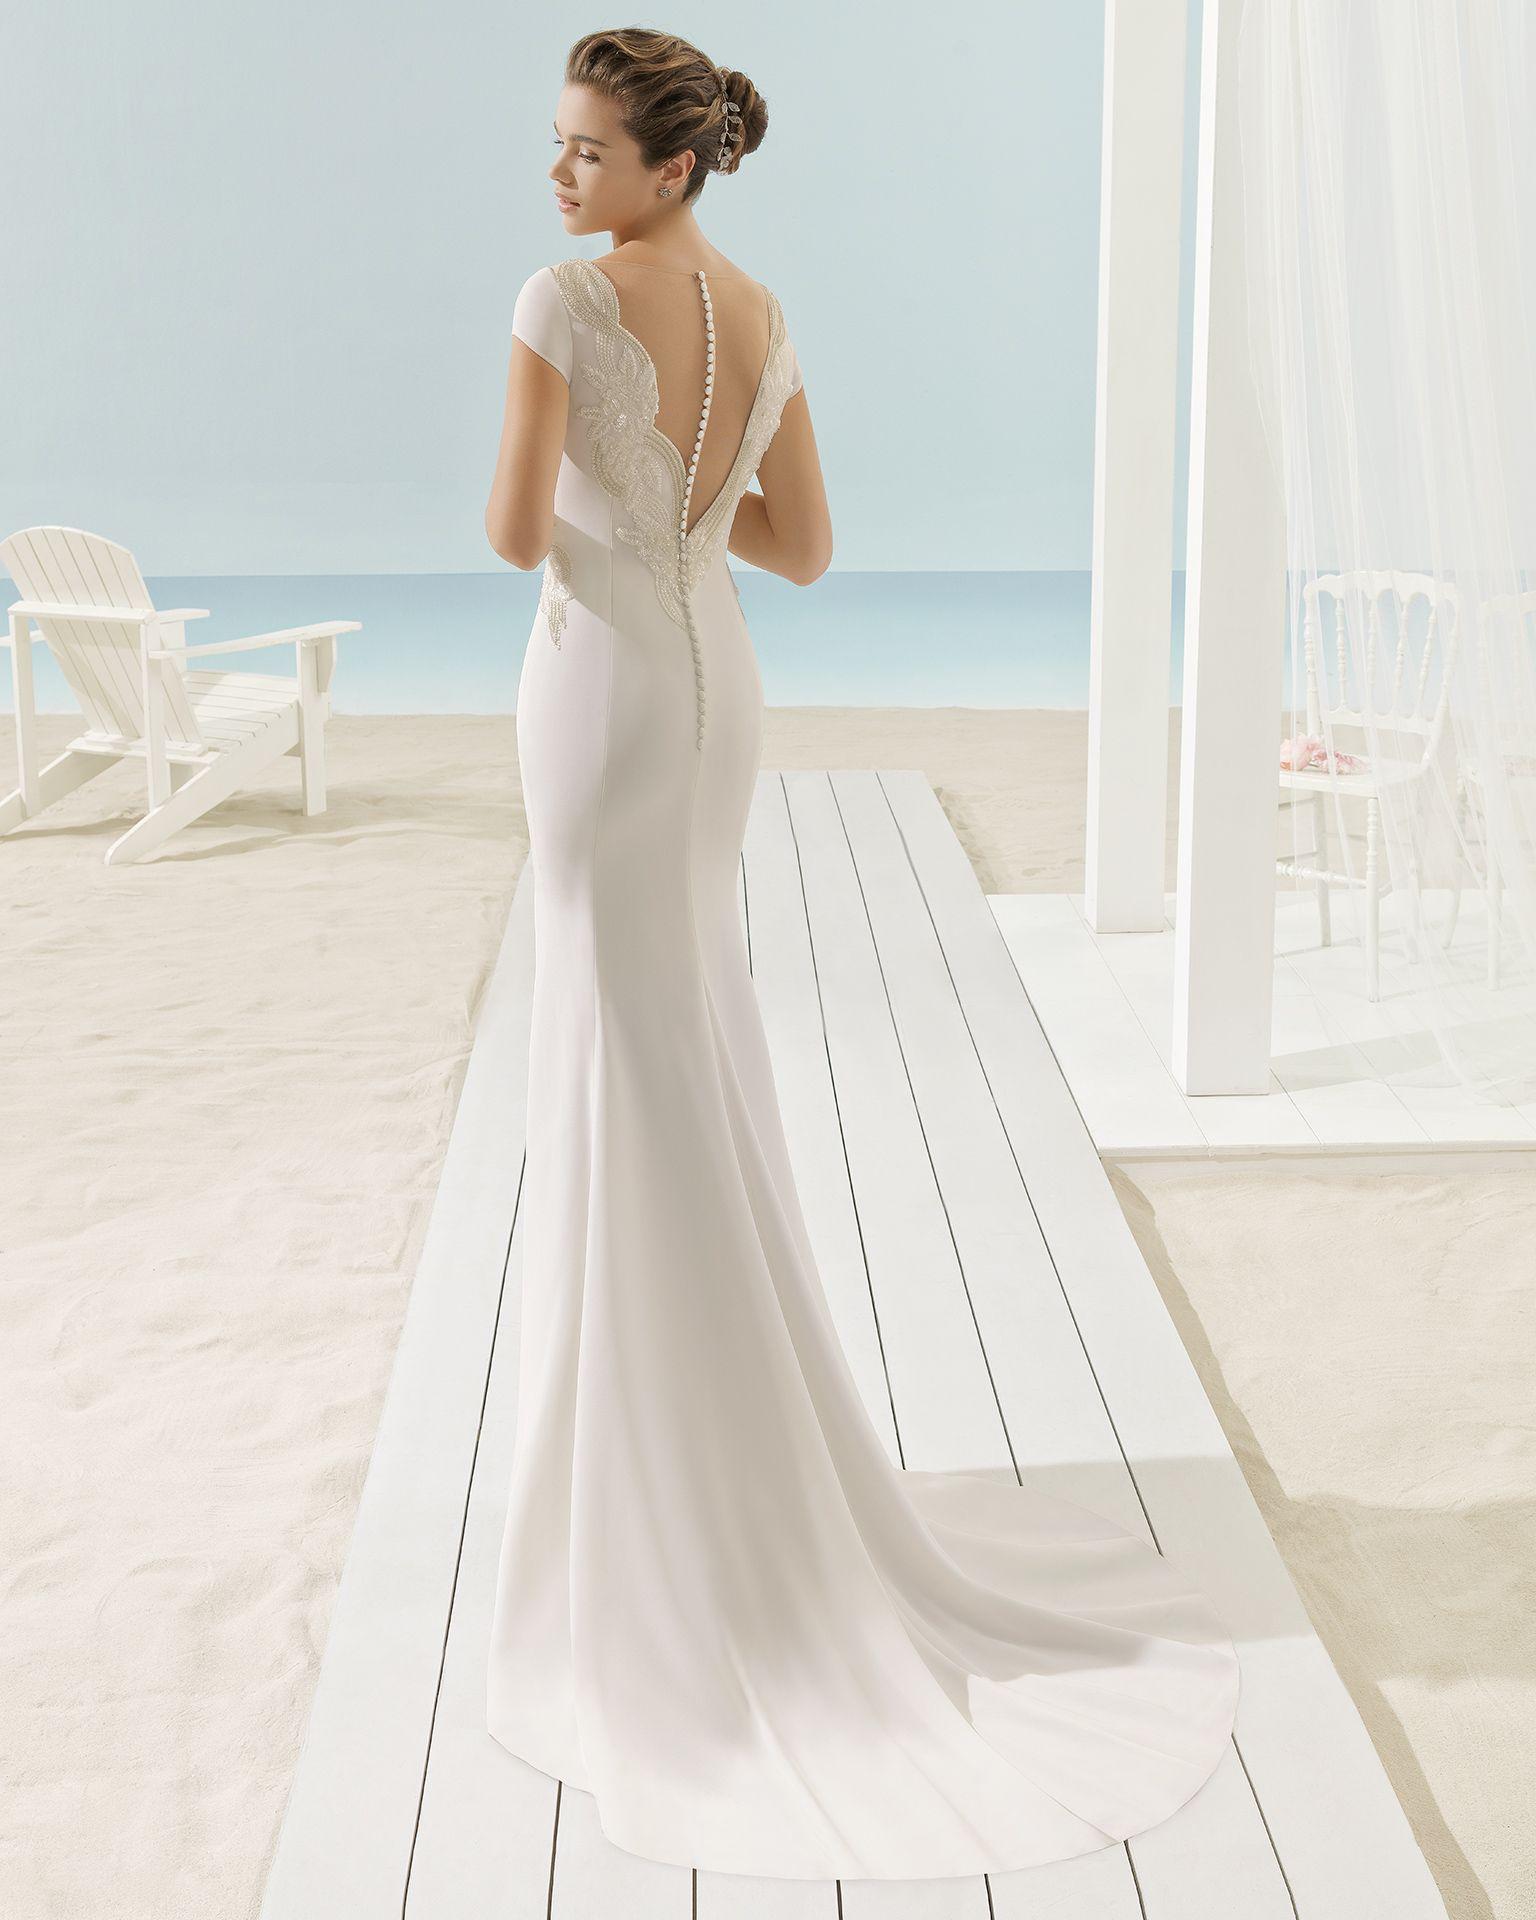 Stylish Wedding Dresses